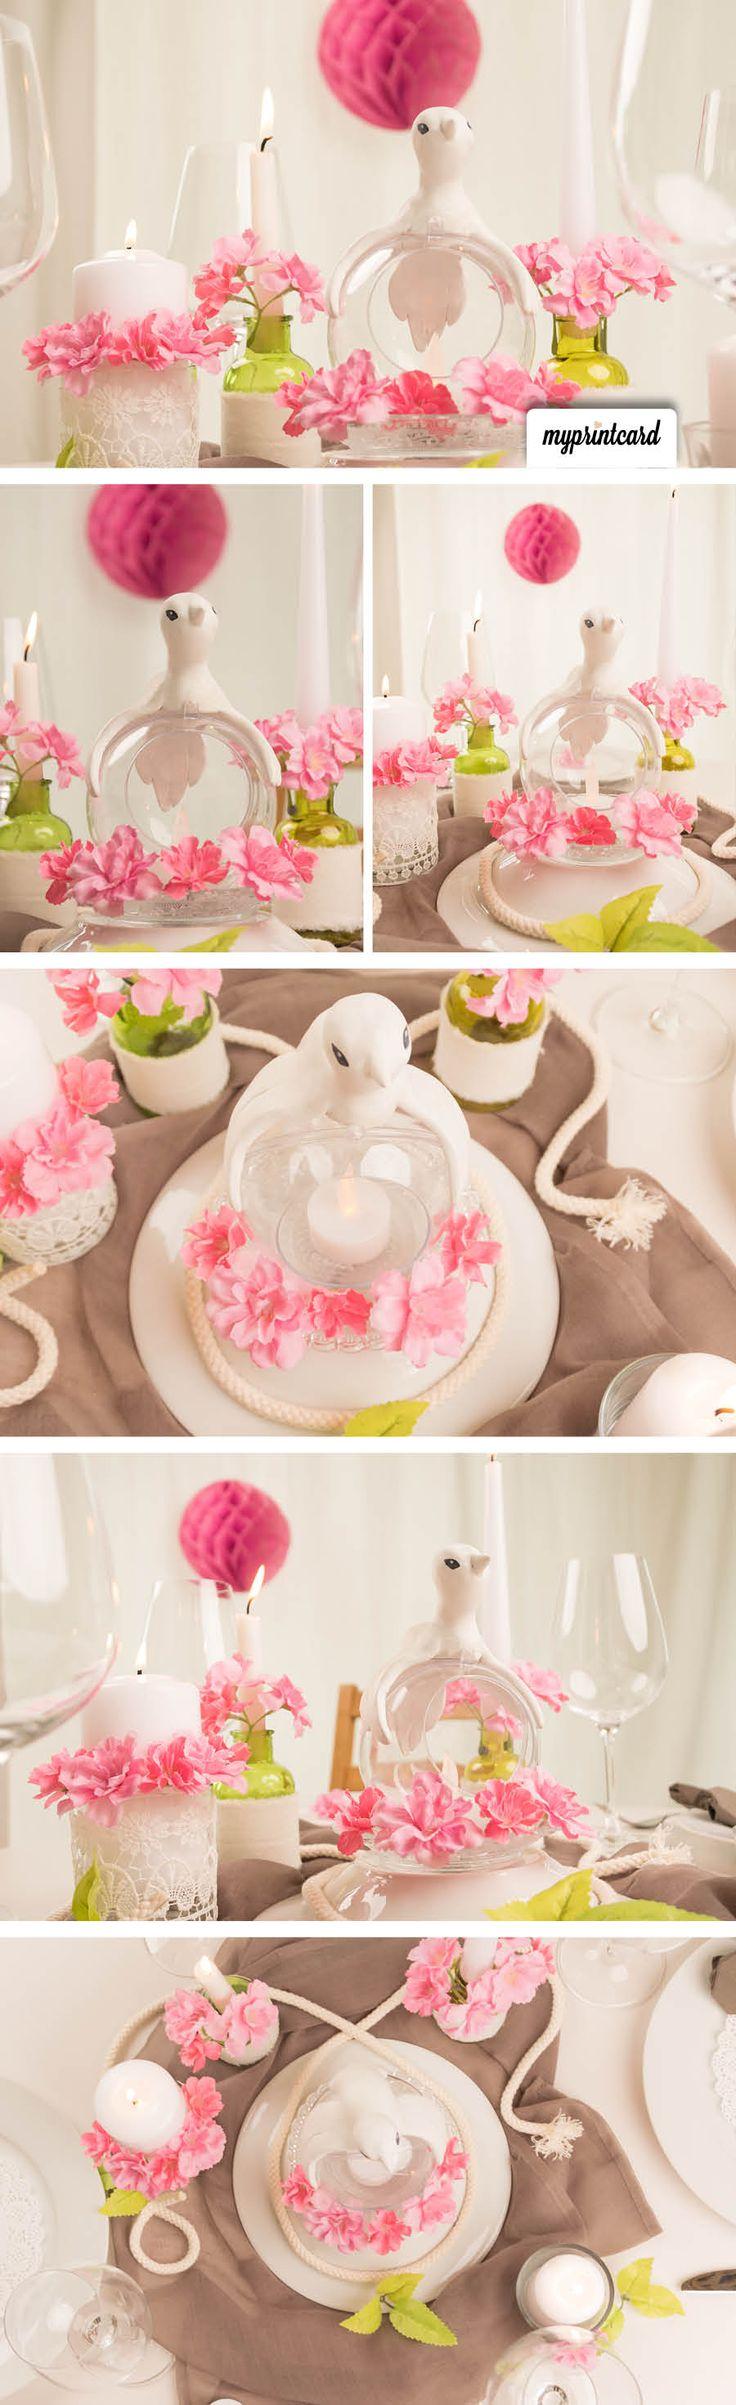 Eine Tischdeko in Rosa und Weiß für die Hochzeit. Erfahre, wie du das Centerpiece selber machen kannst.  #hochzeit #tischdeko #rundetische #tische #deko #selbermachen #diy #turteltaube #rosa #weiß